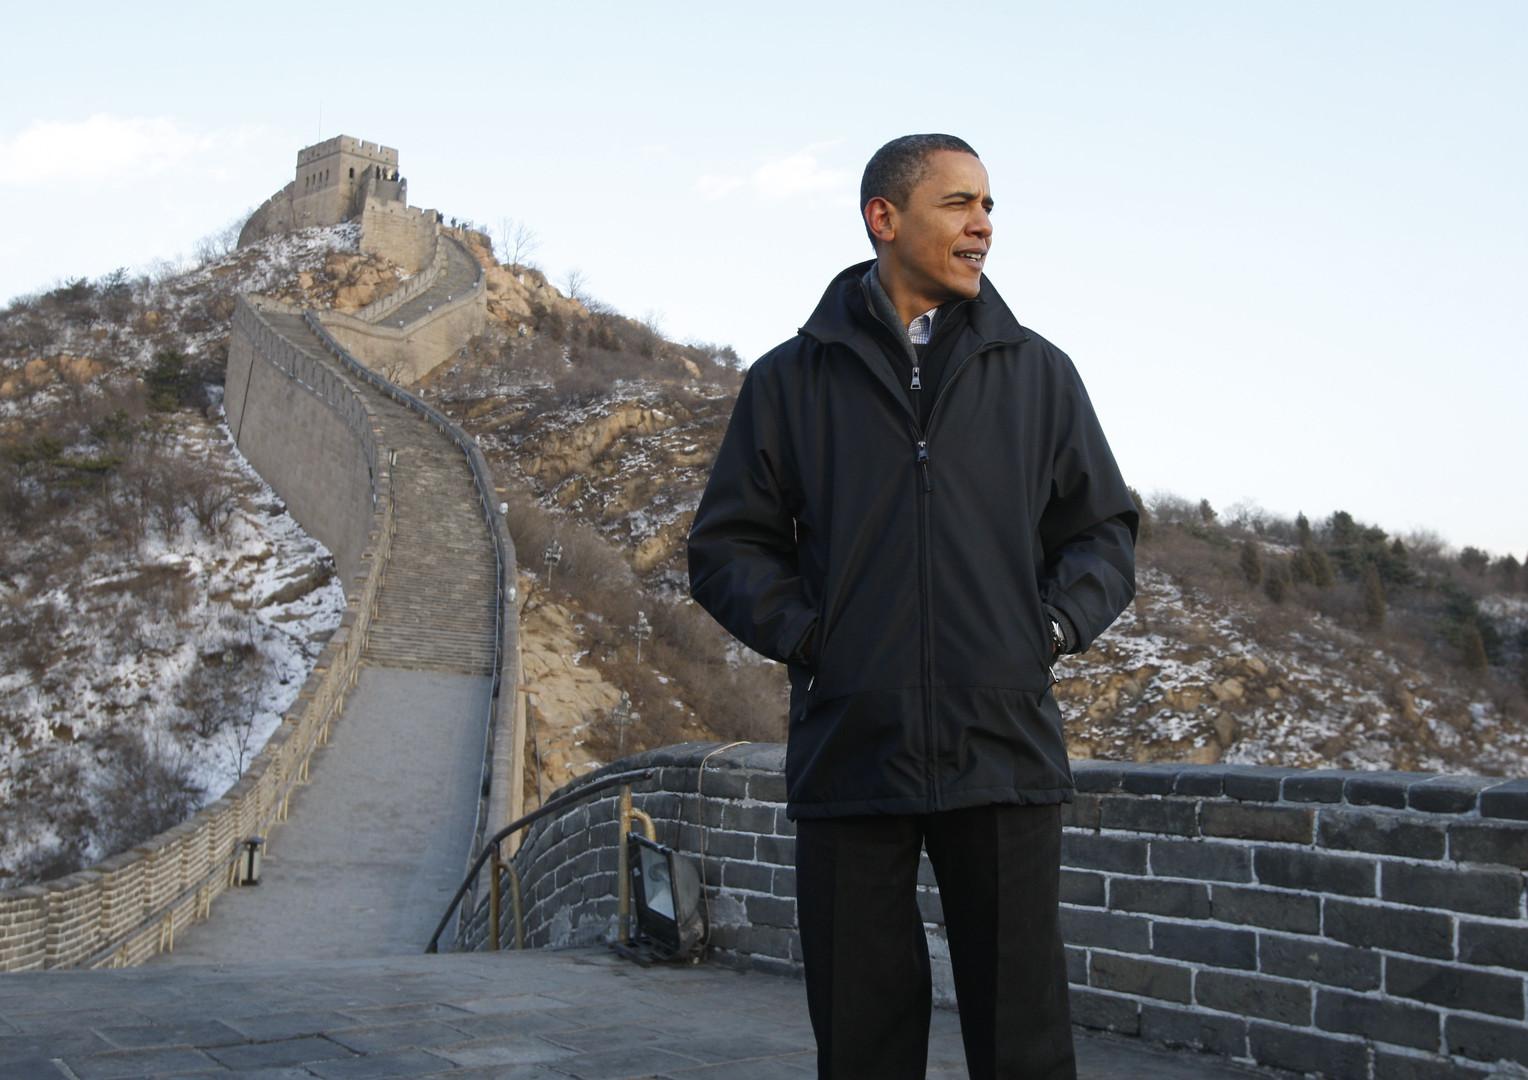 Barack Obama als Präsident auf einer Tour auf der Großen Mauer bei Badaling im November 2009.